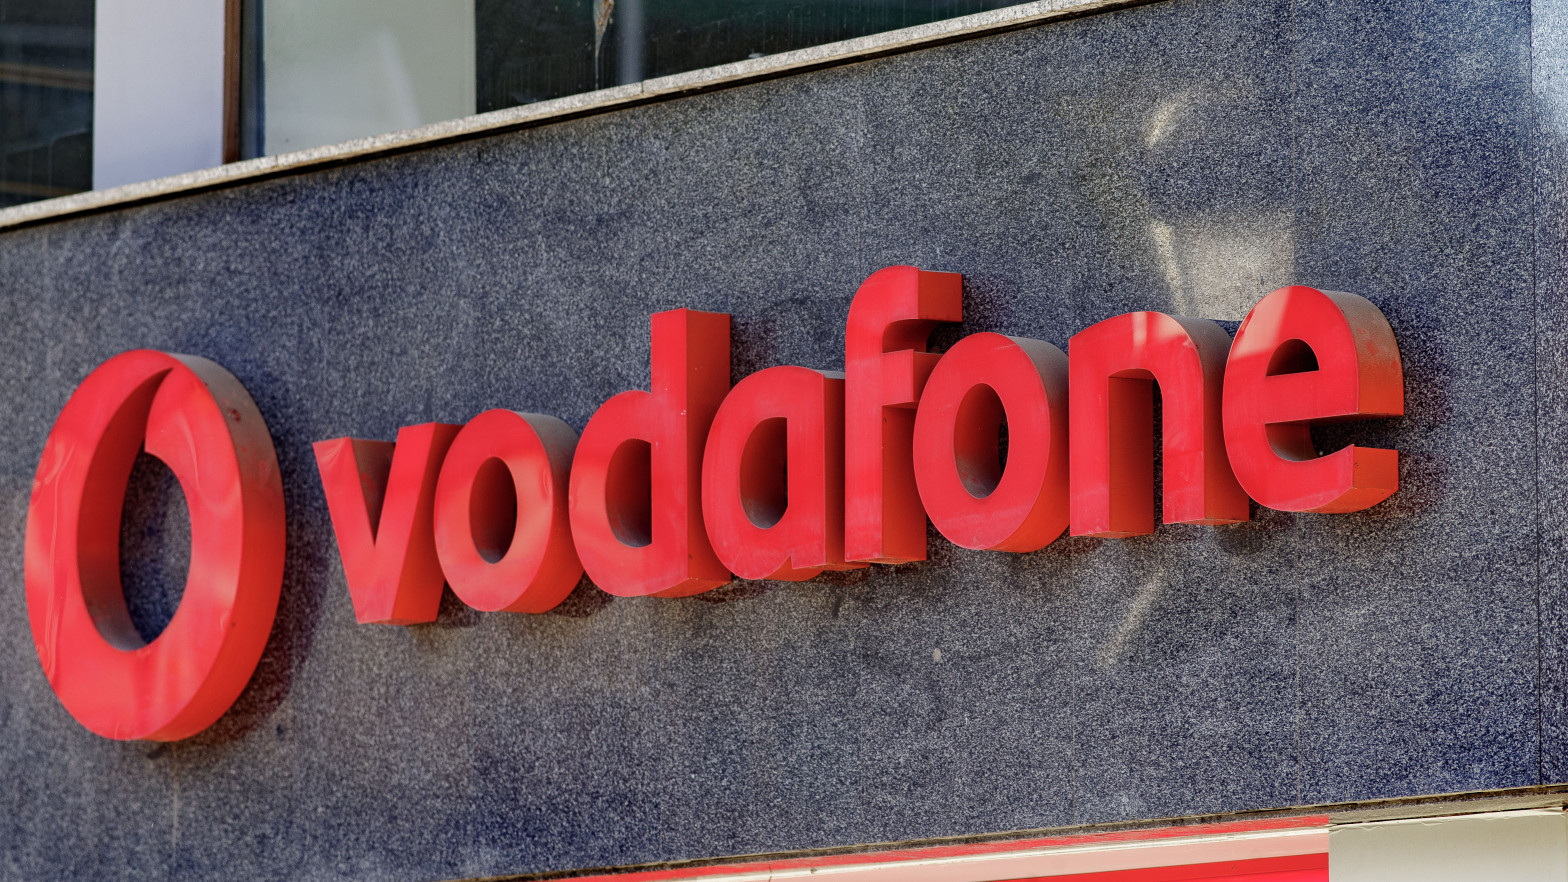 Vodafone lanza tarifas sociales para jóvenes desempleados y perceptores del Ingreso Mínimo Vital